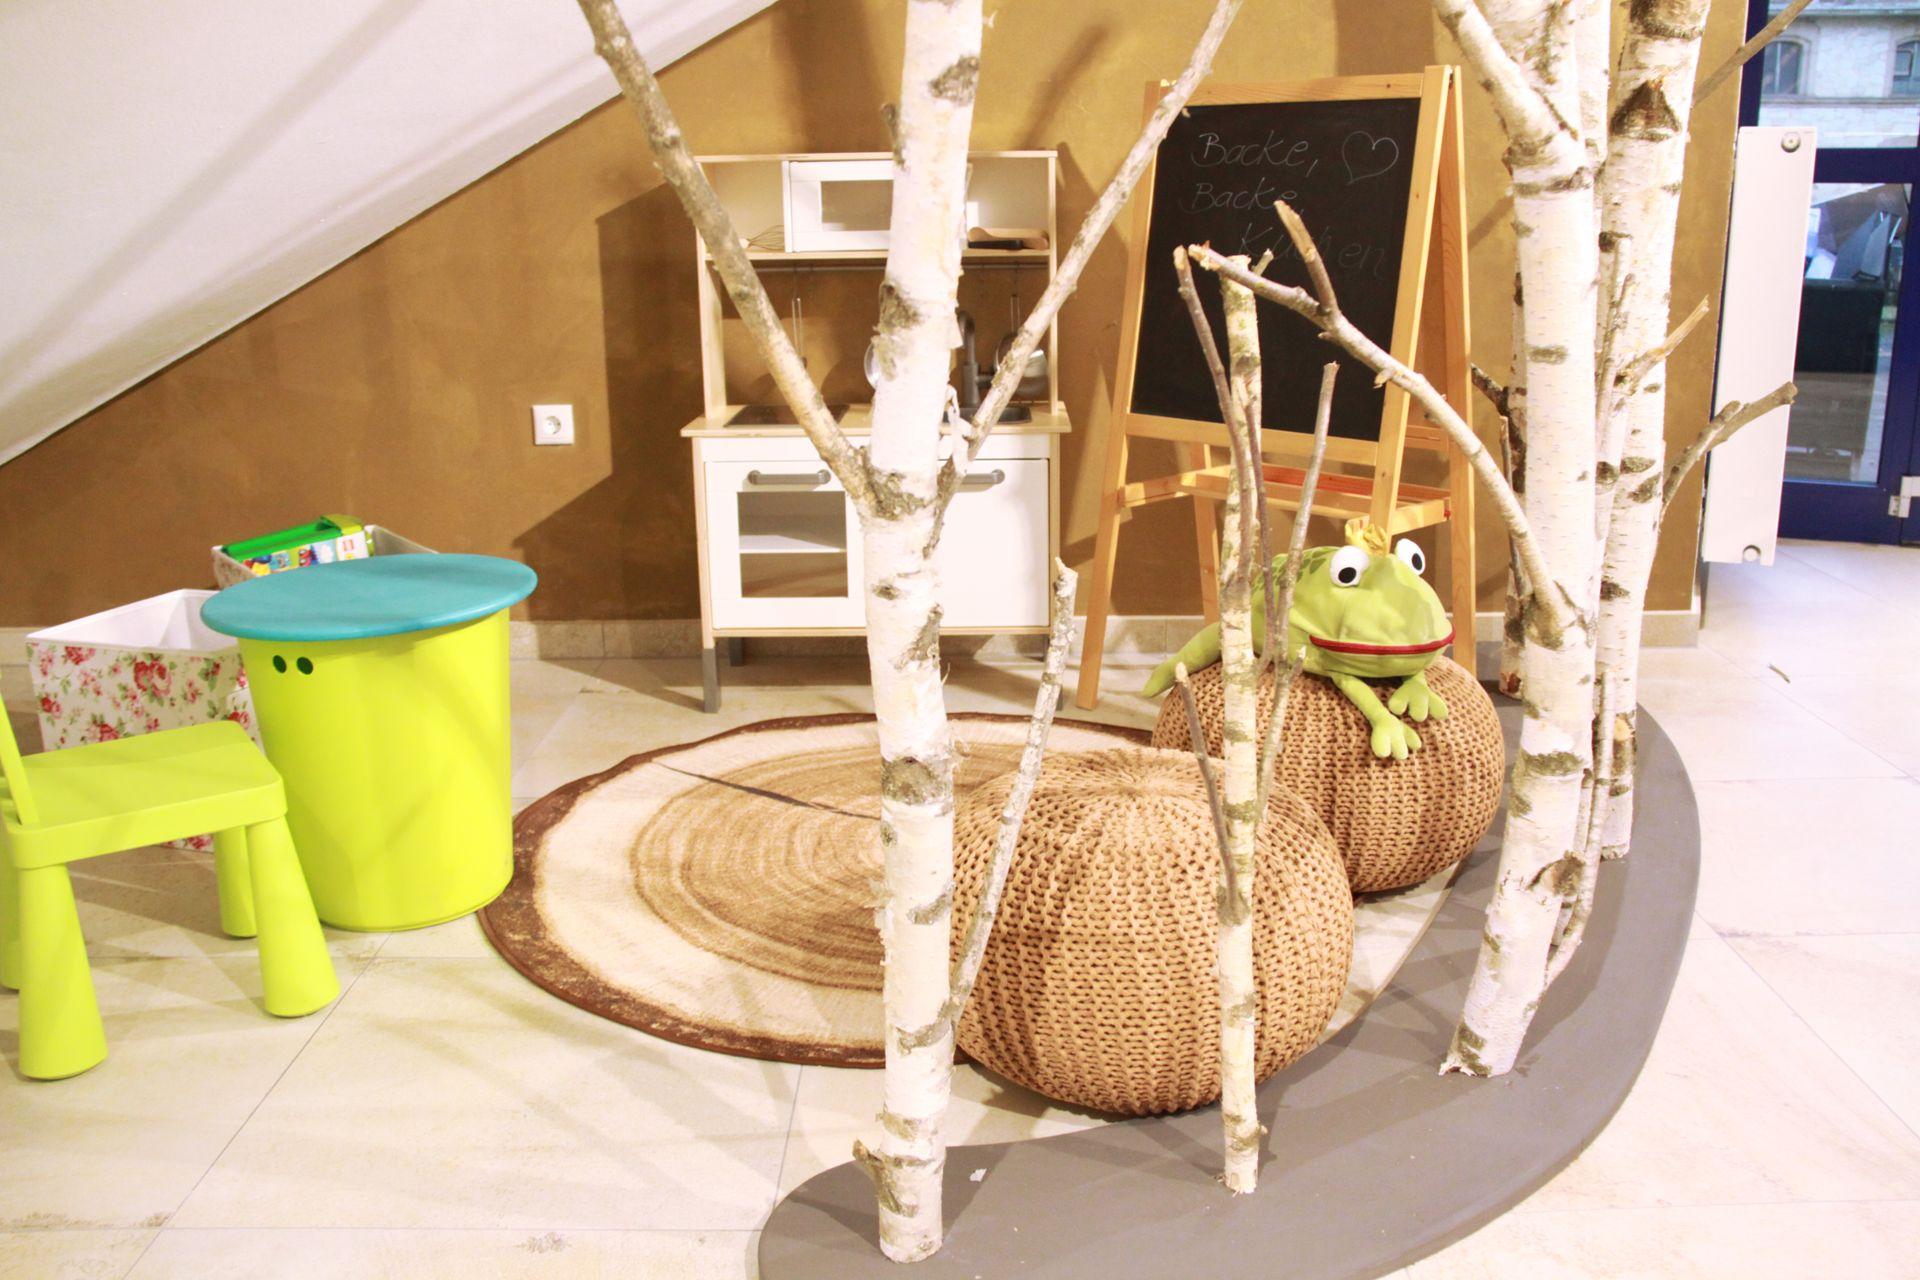 Erfreut Küche Lagerung Ideen Neuseeland Fotos - Ideen Für Die Küche ...